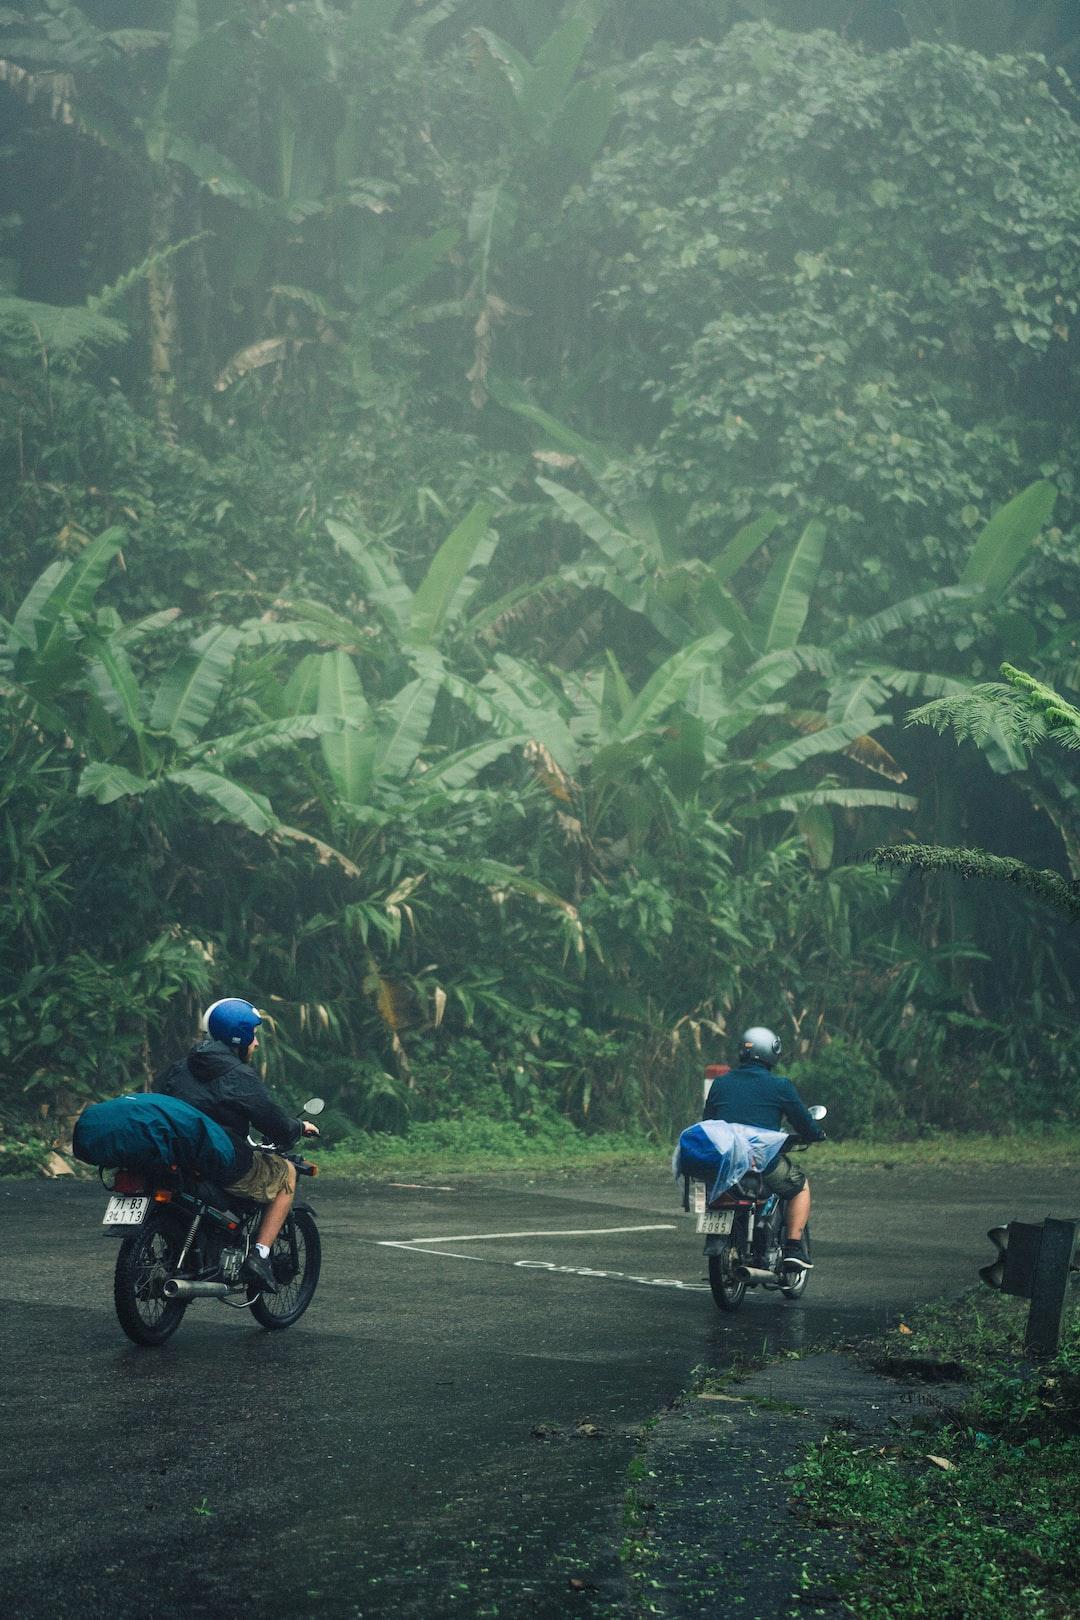 Zweirad-Urlaub: Motorrad packen